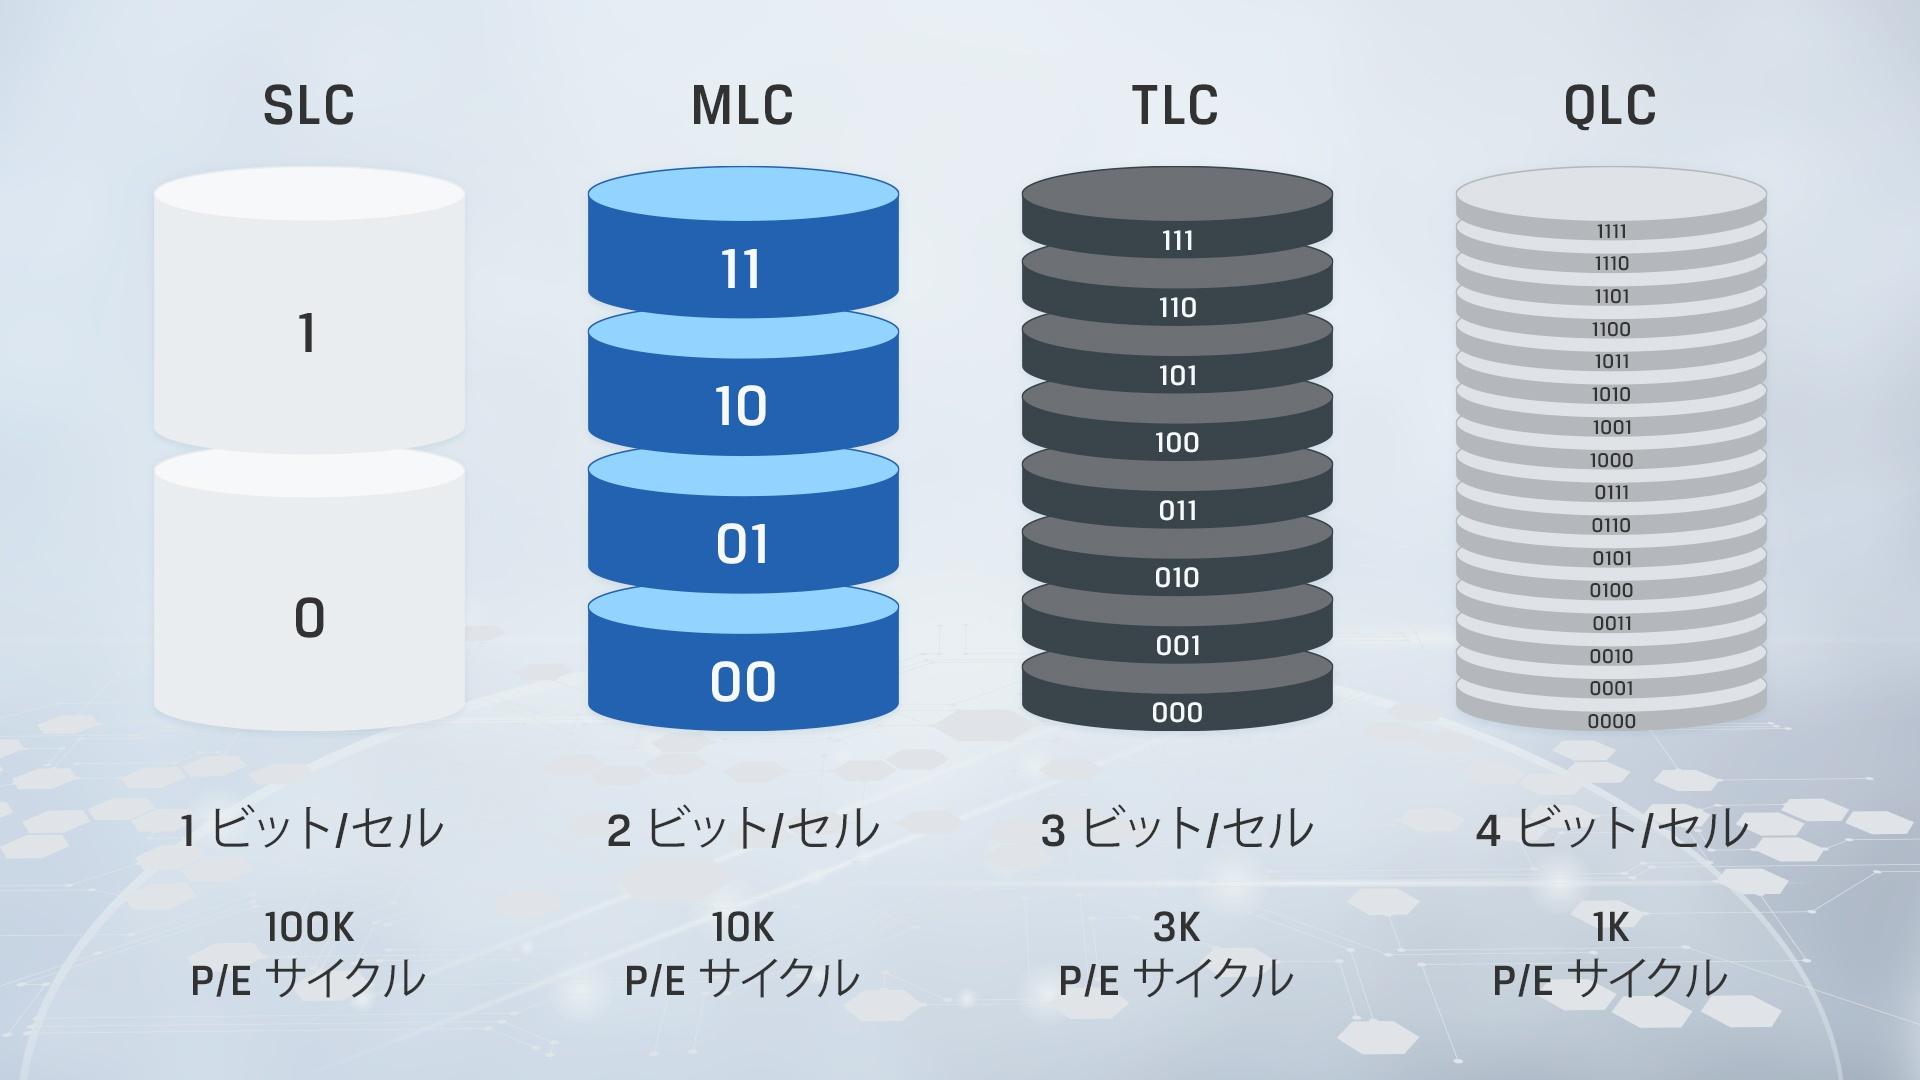 各種 NAND の主な違いを示すインフォグラフィック